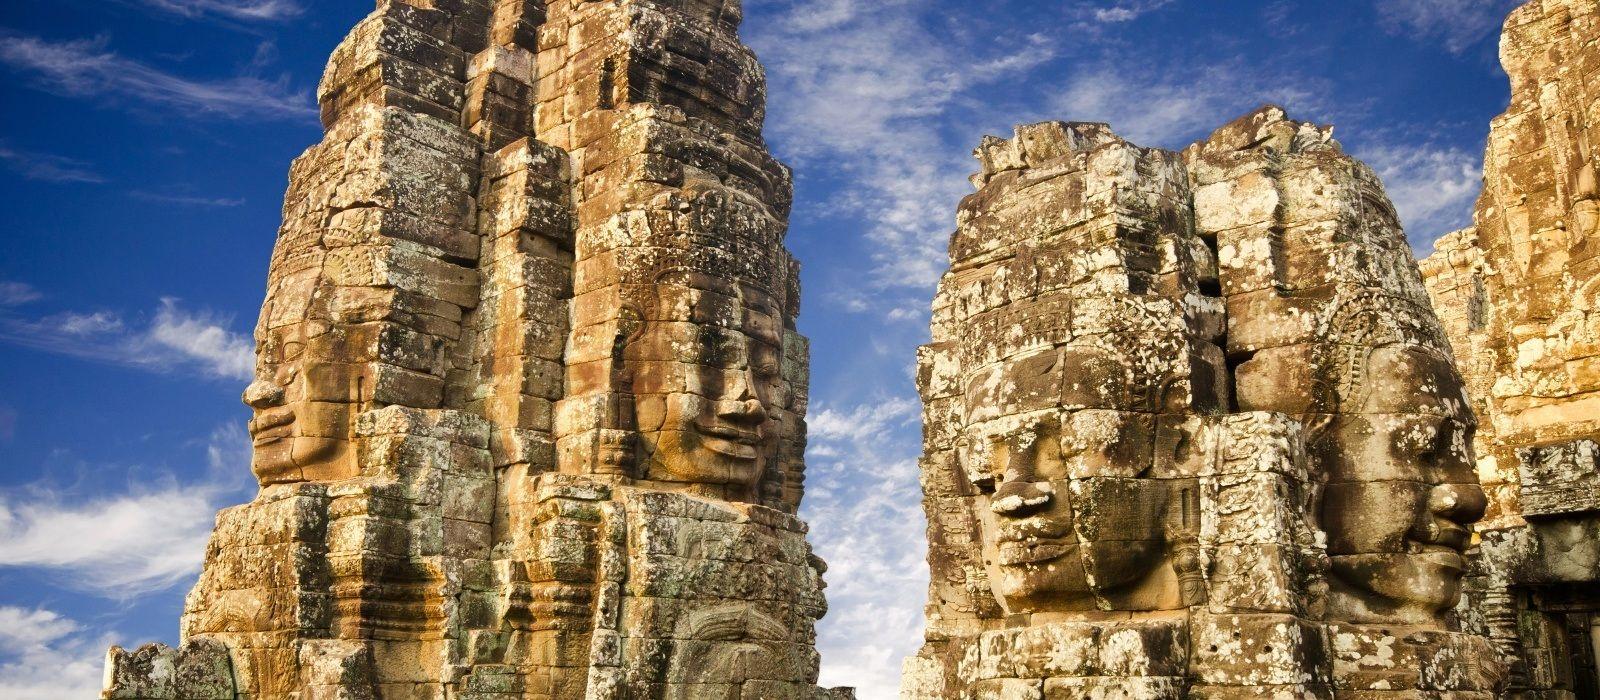 Bezauberndes Kambodscha und seine versteckten Reichtümer Urlaub 4